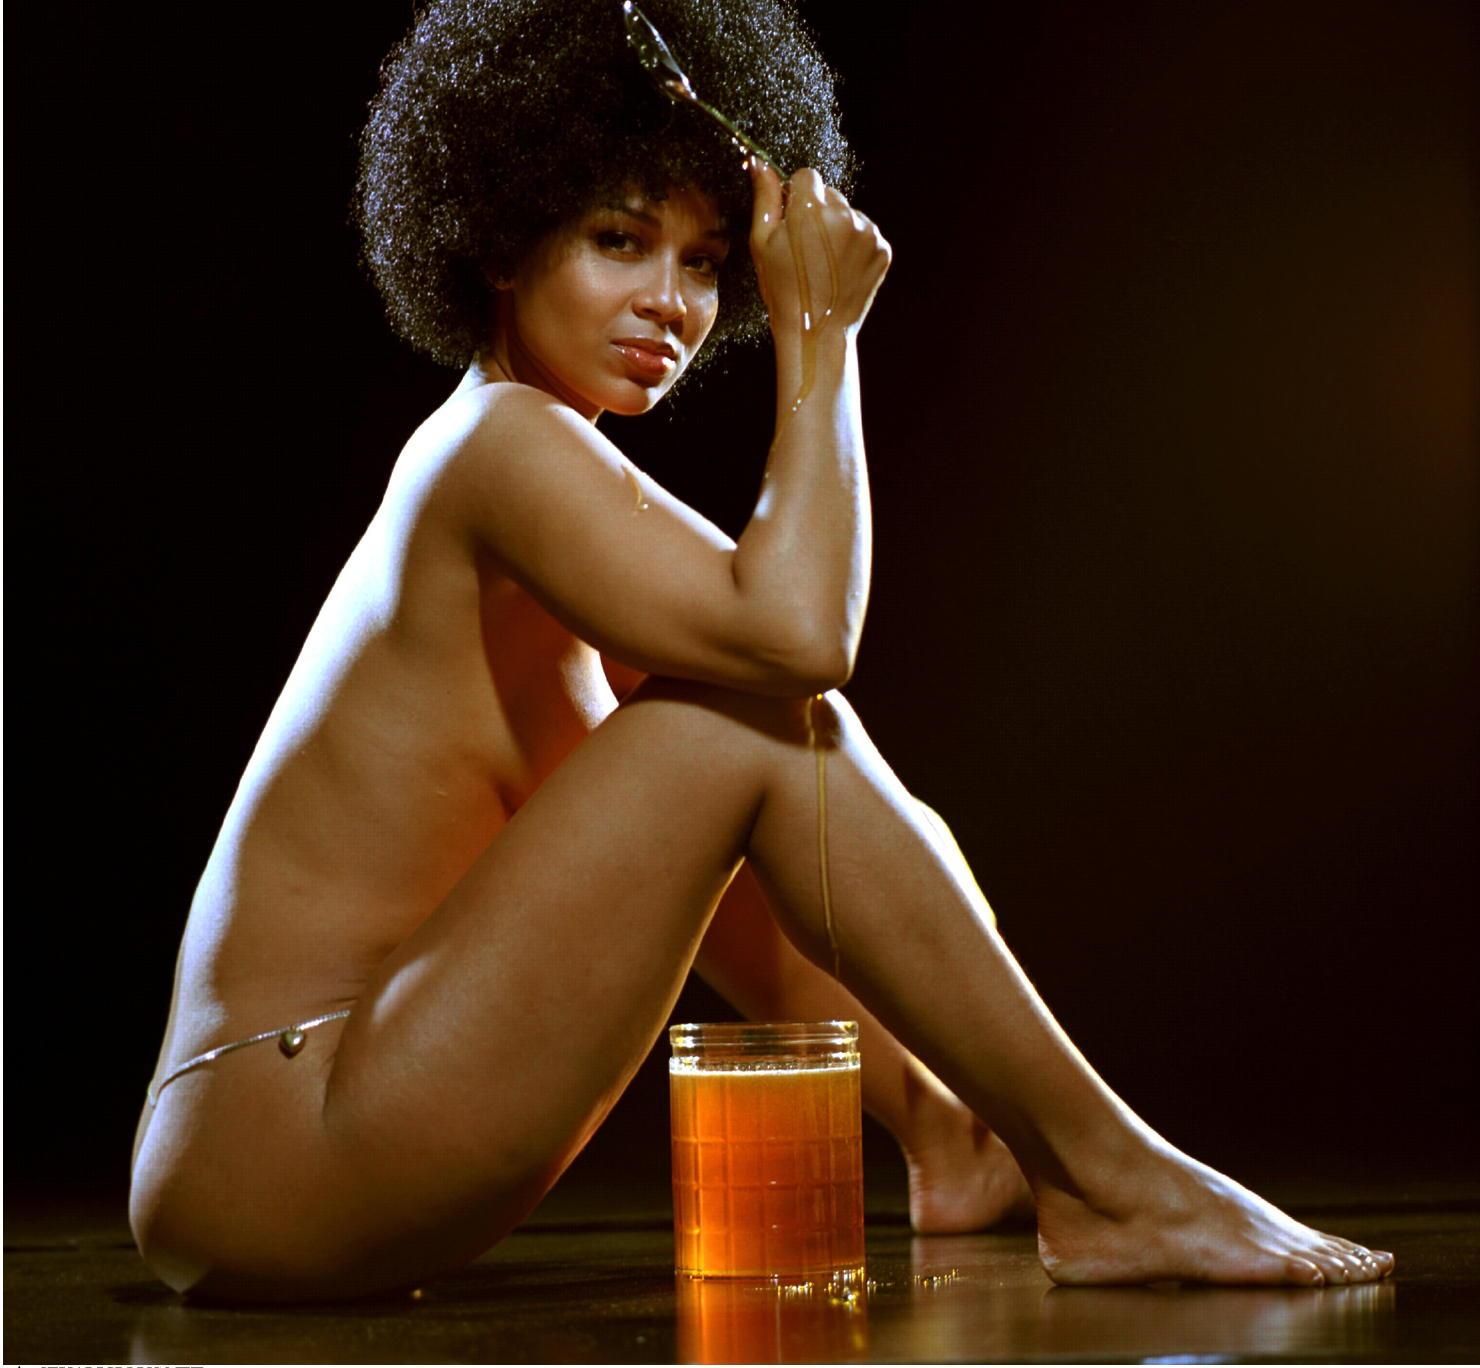 Honey Jones Nude 37